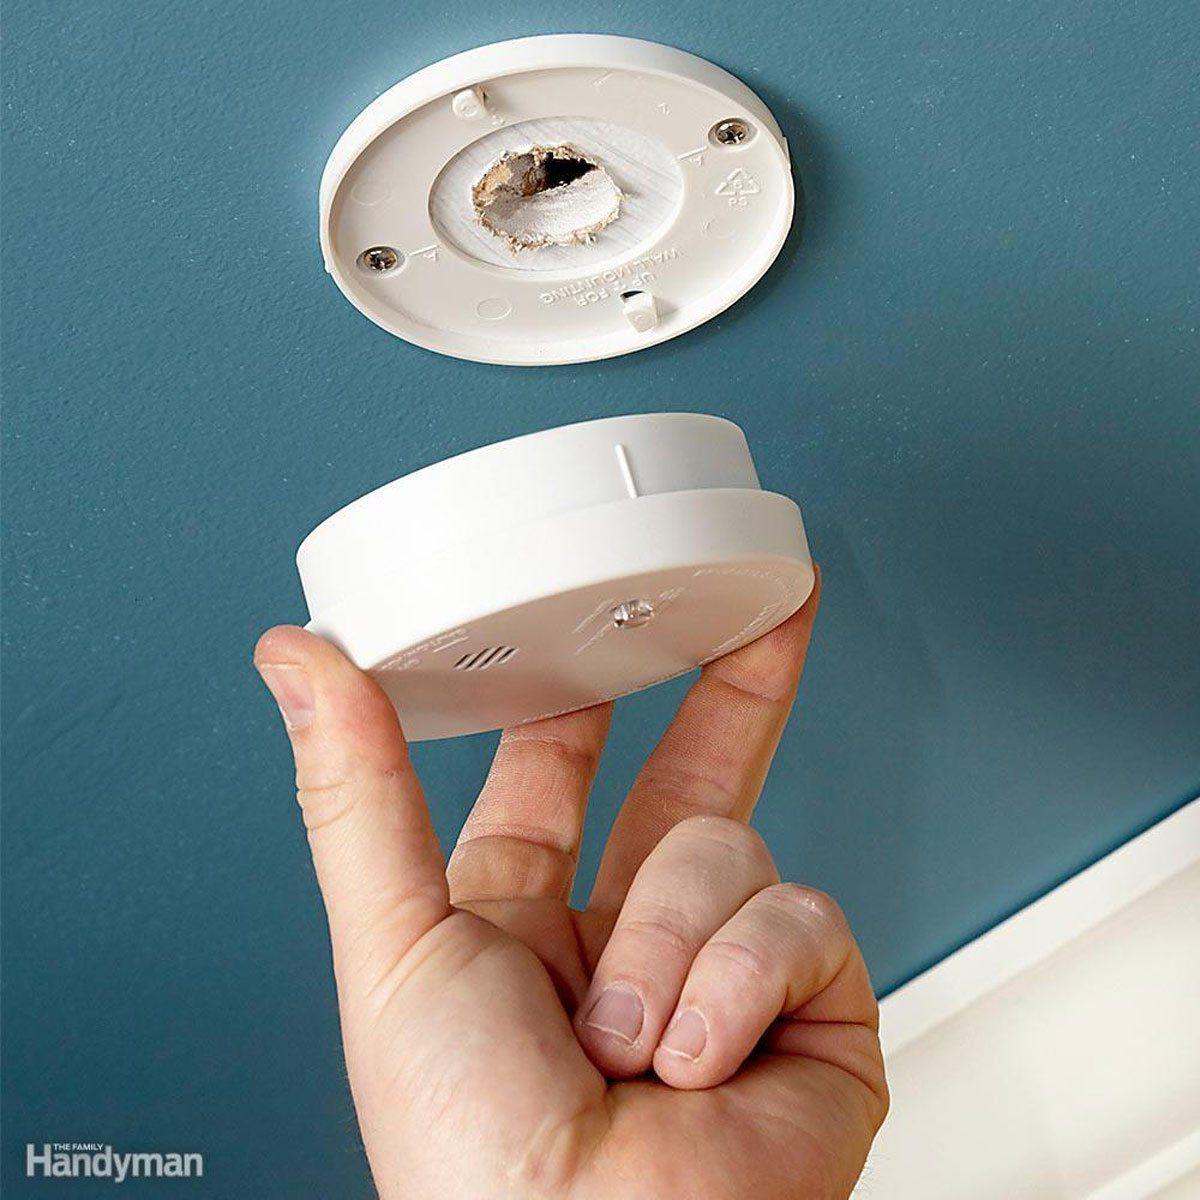 fh15jau_smokea_10 smoke alarm detector safety